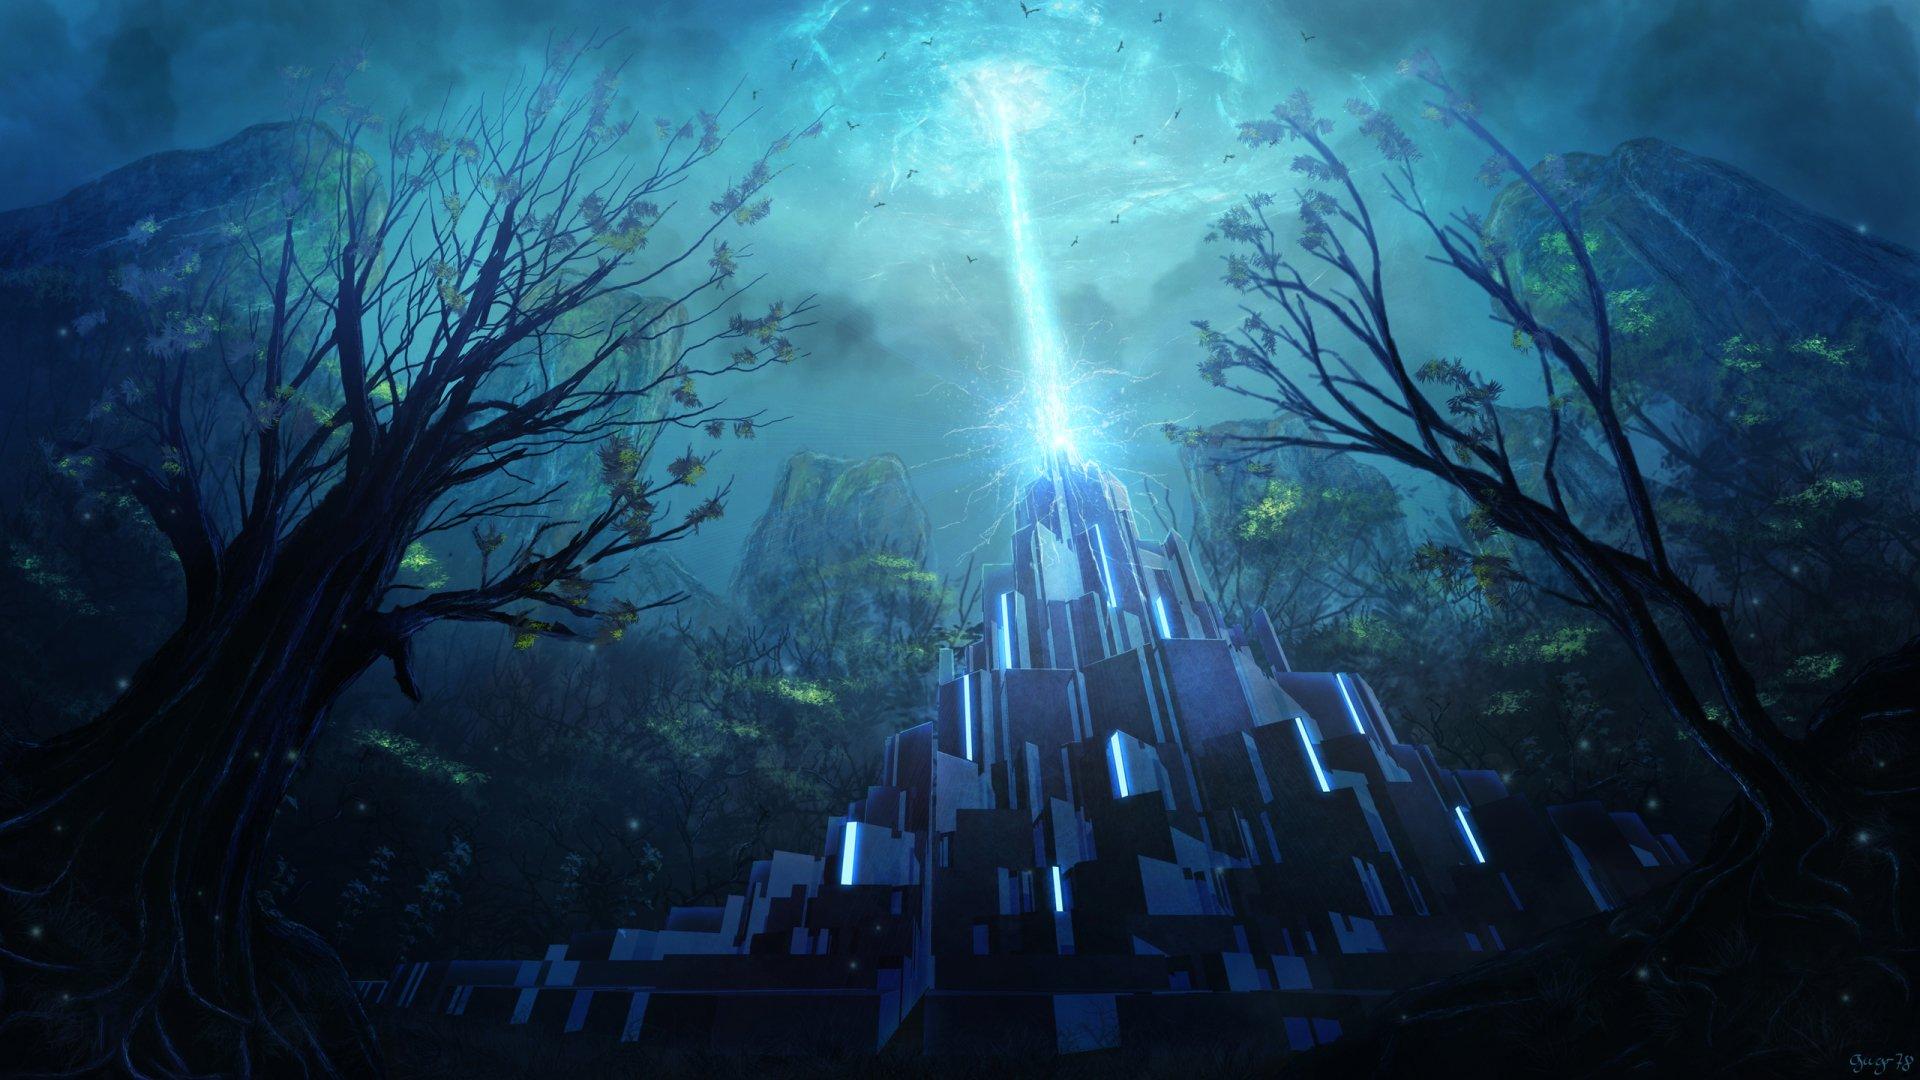 魔法 高清壁紙 | 桌面背景 | 2560x1440 | ID:677211 - Wallpaper Abyss